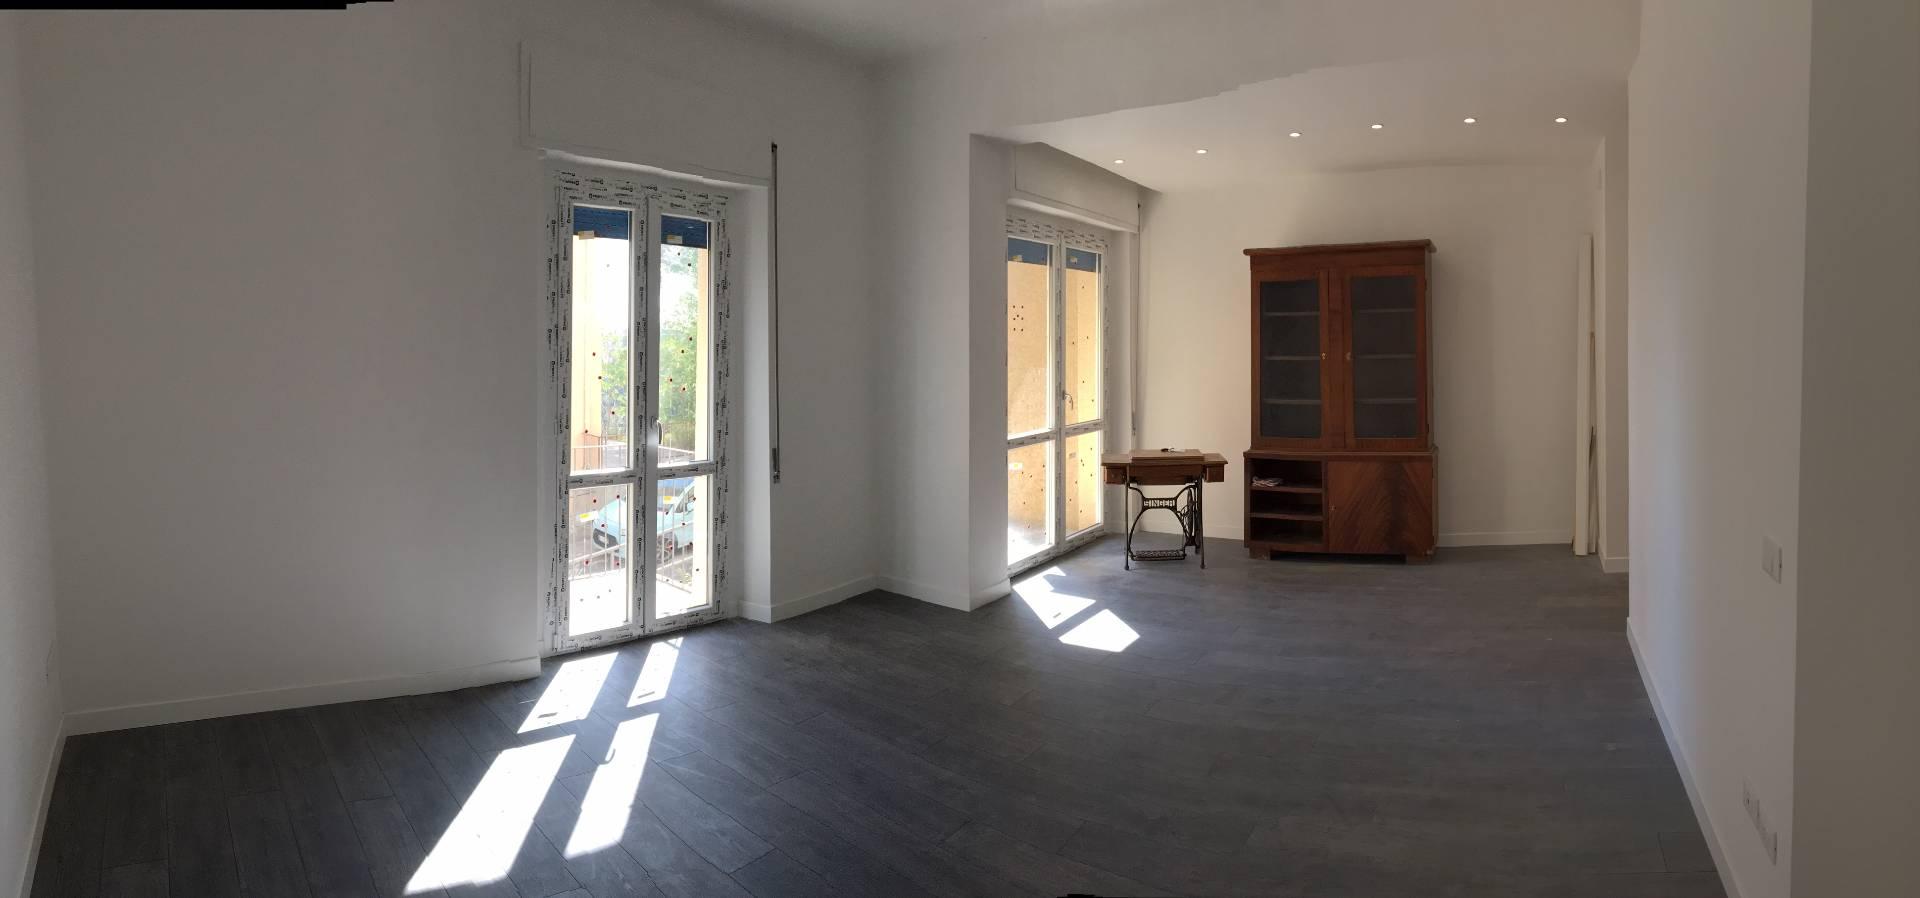 Appartamento in vendita a Catanzaro, 5 locali, zona Località: CATANZAROCENTRO, prezzo € 360.000 | Cambio Casa.it